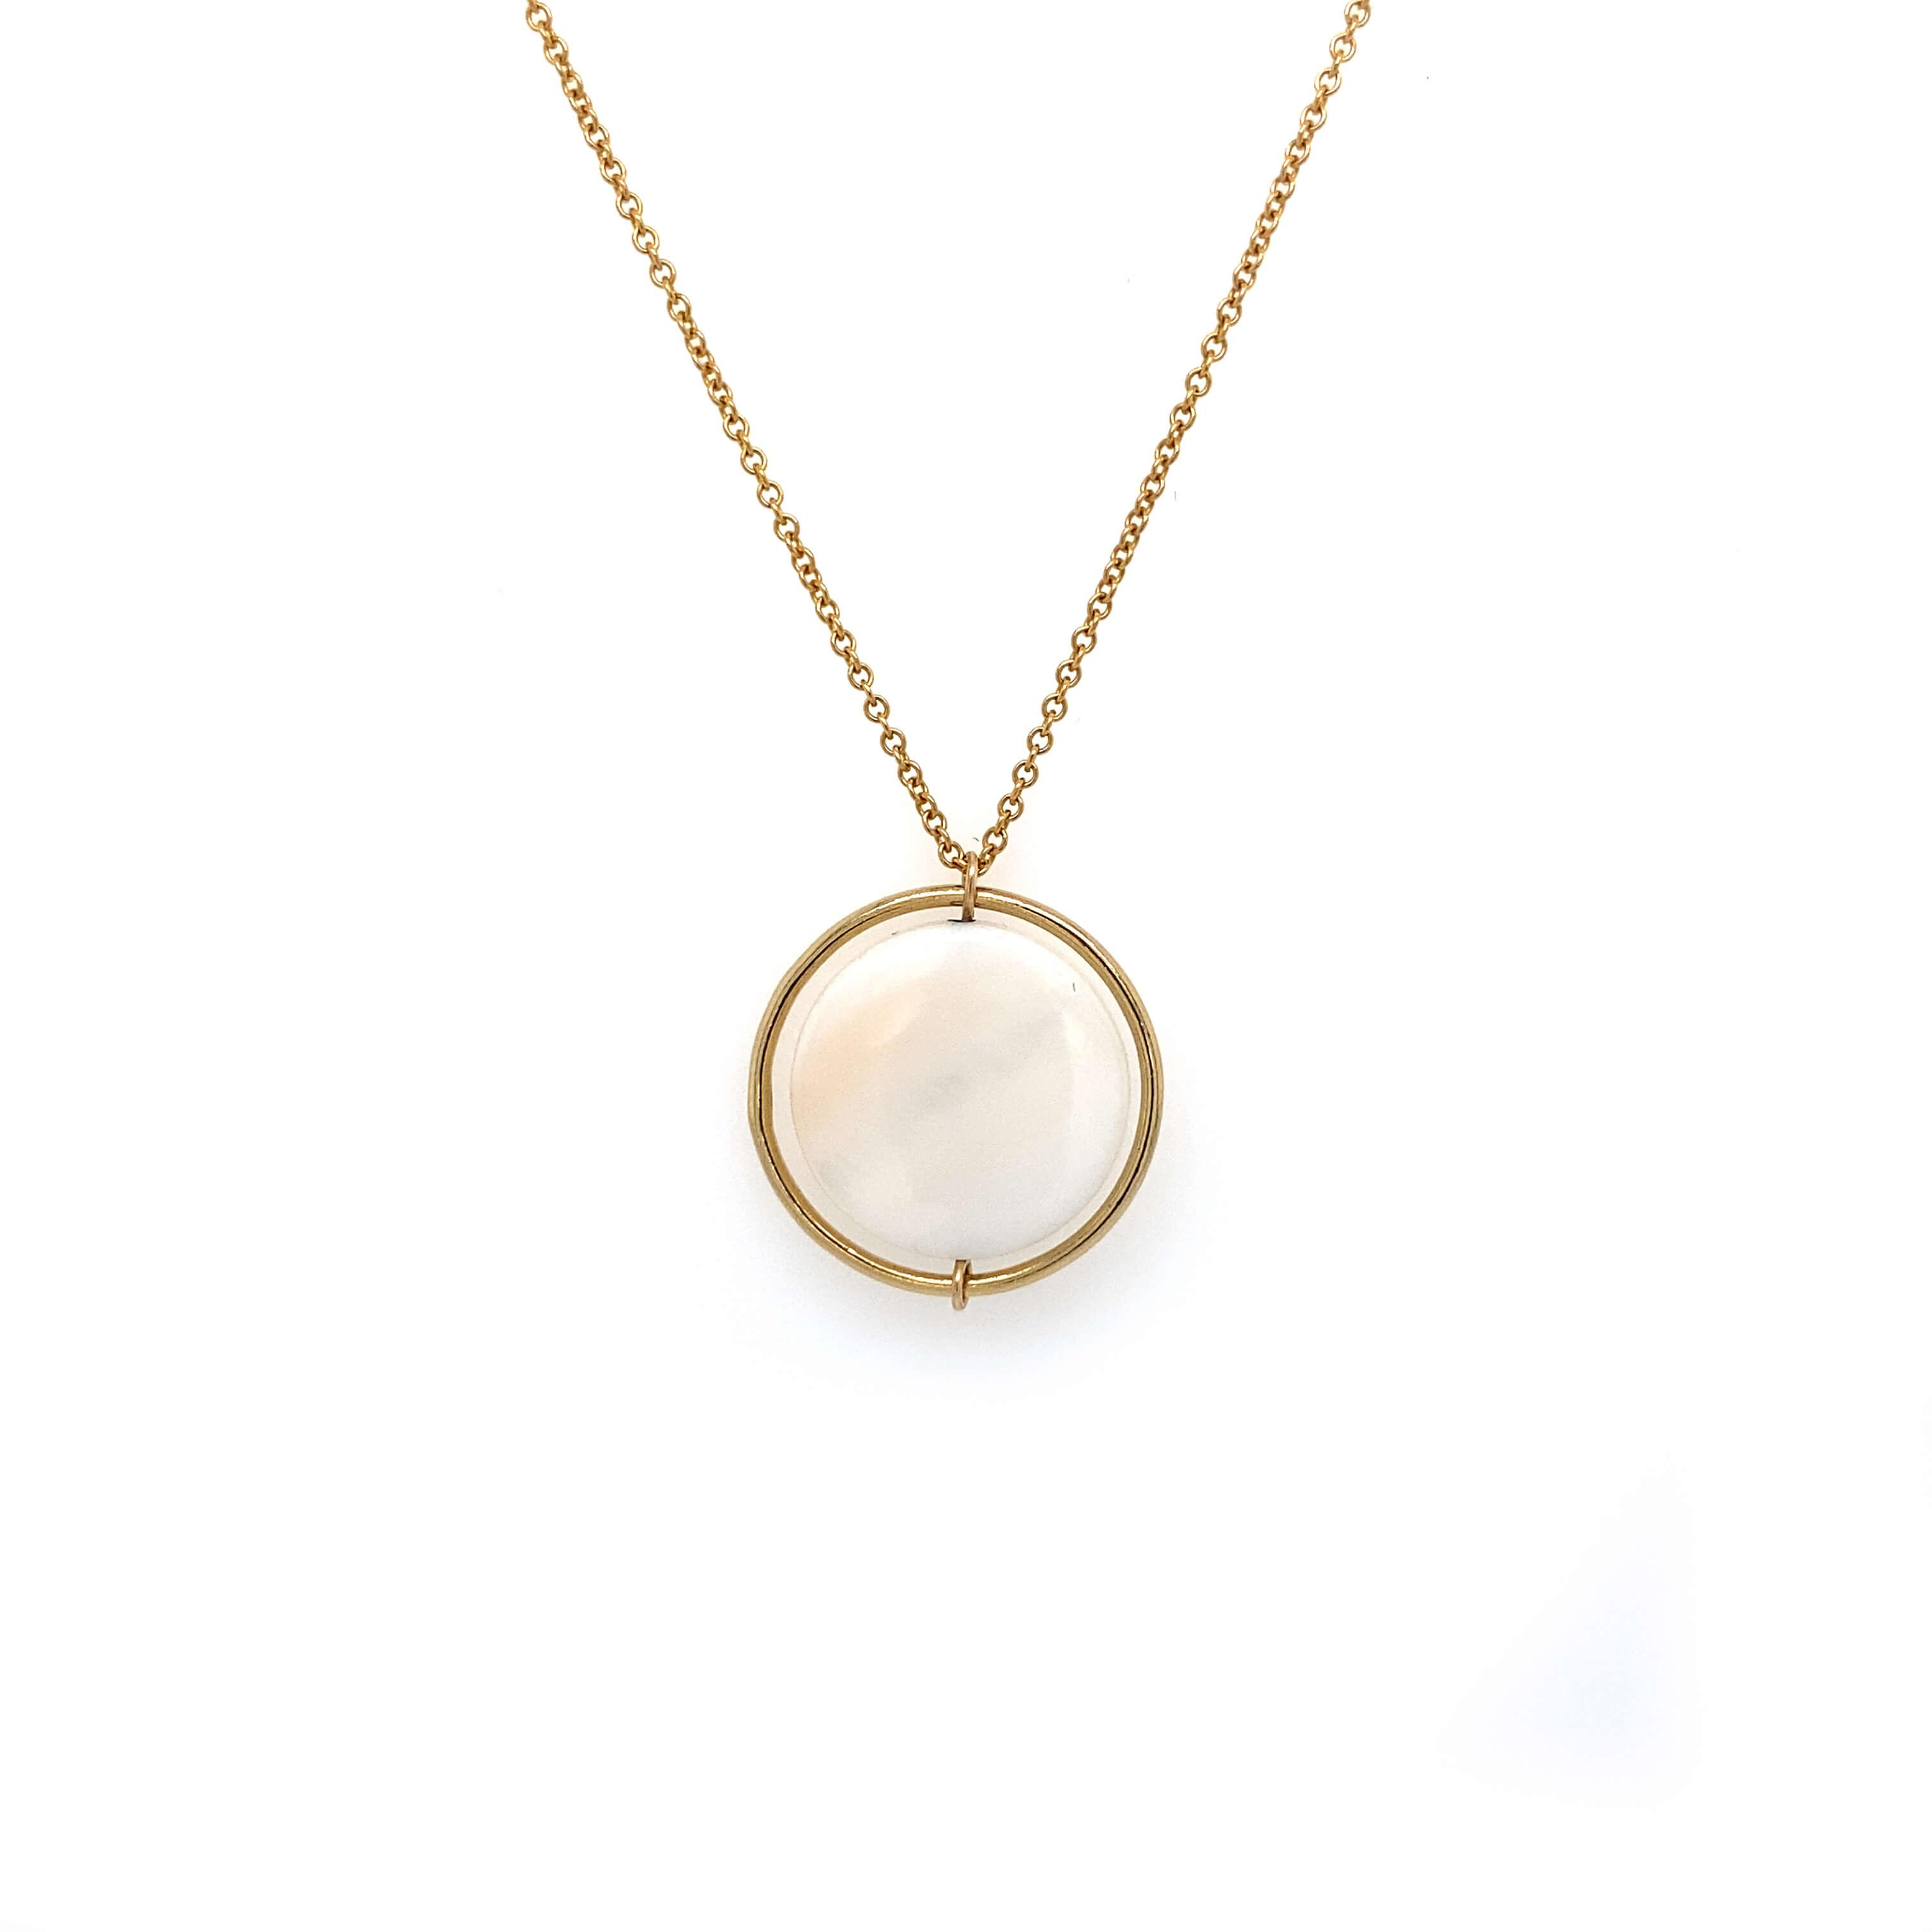 Mahina Necklace - 14k Gold Fill